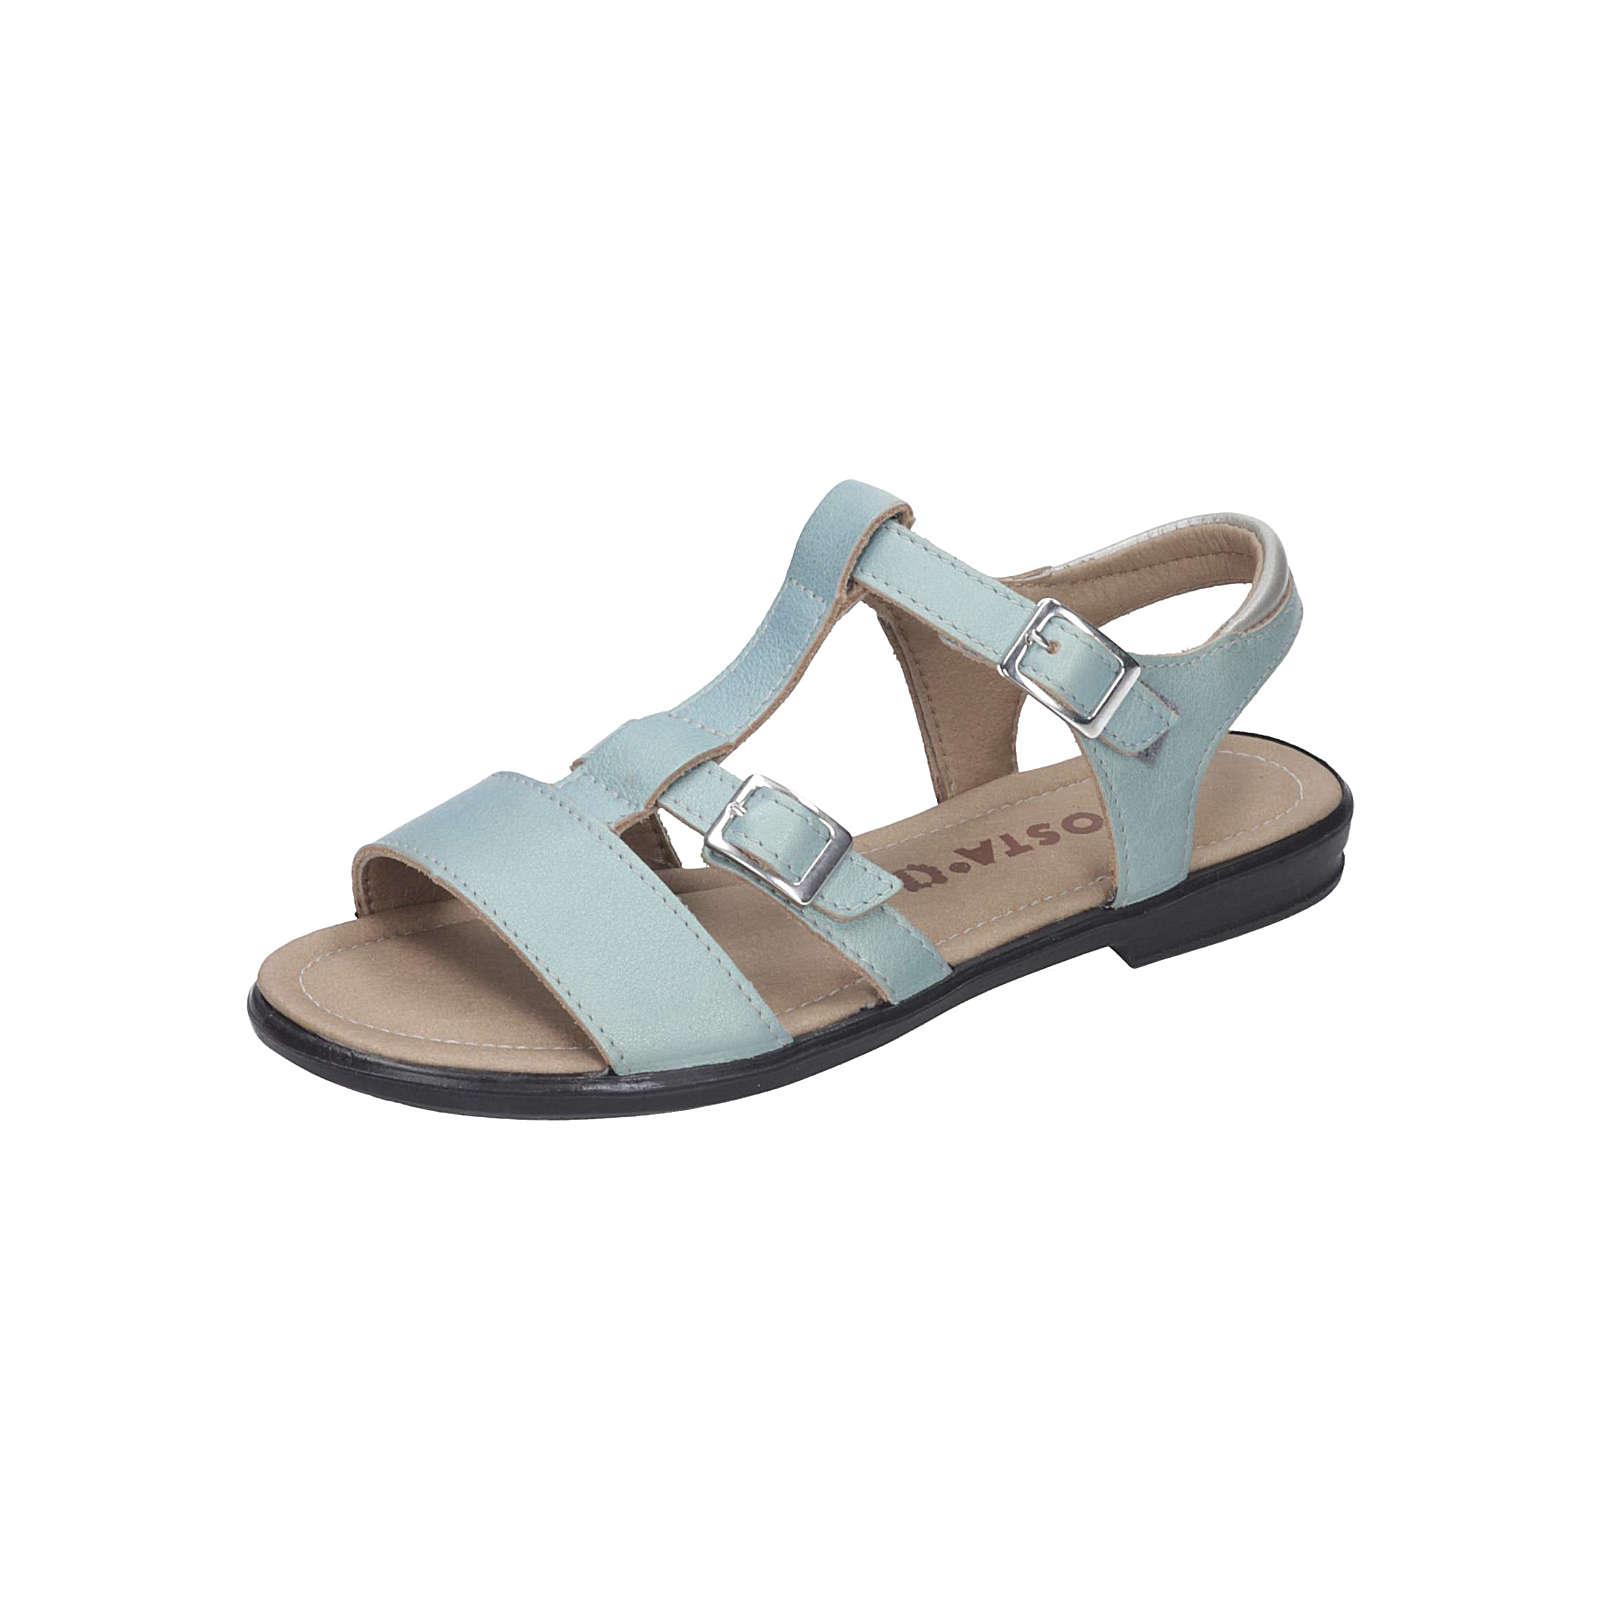 RICOSTA Sandalen für Mädchen hellblau Mädchen Gr. 40